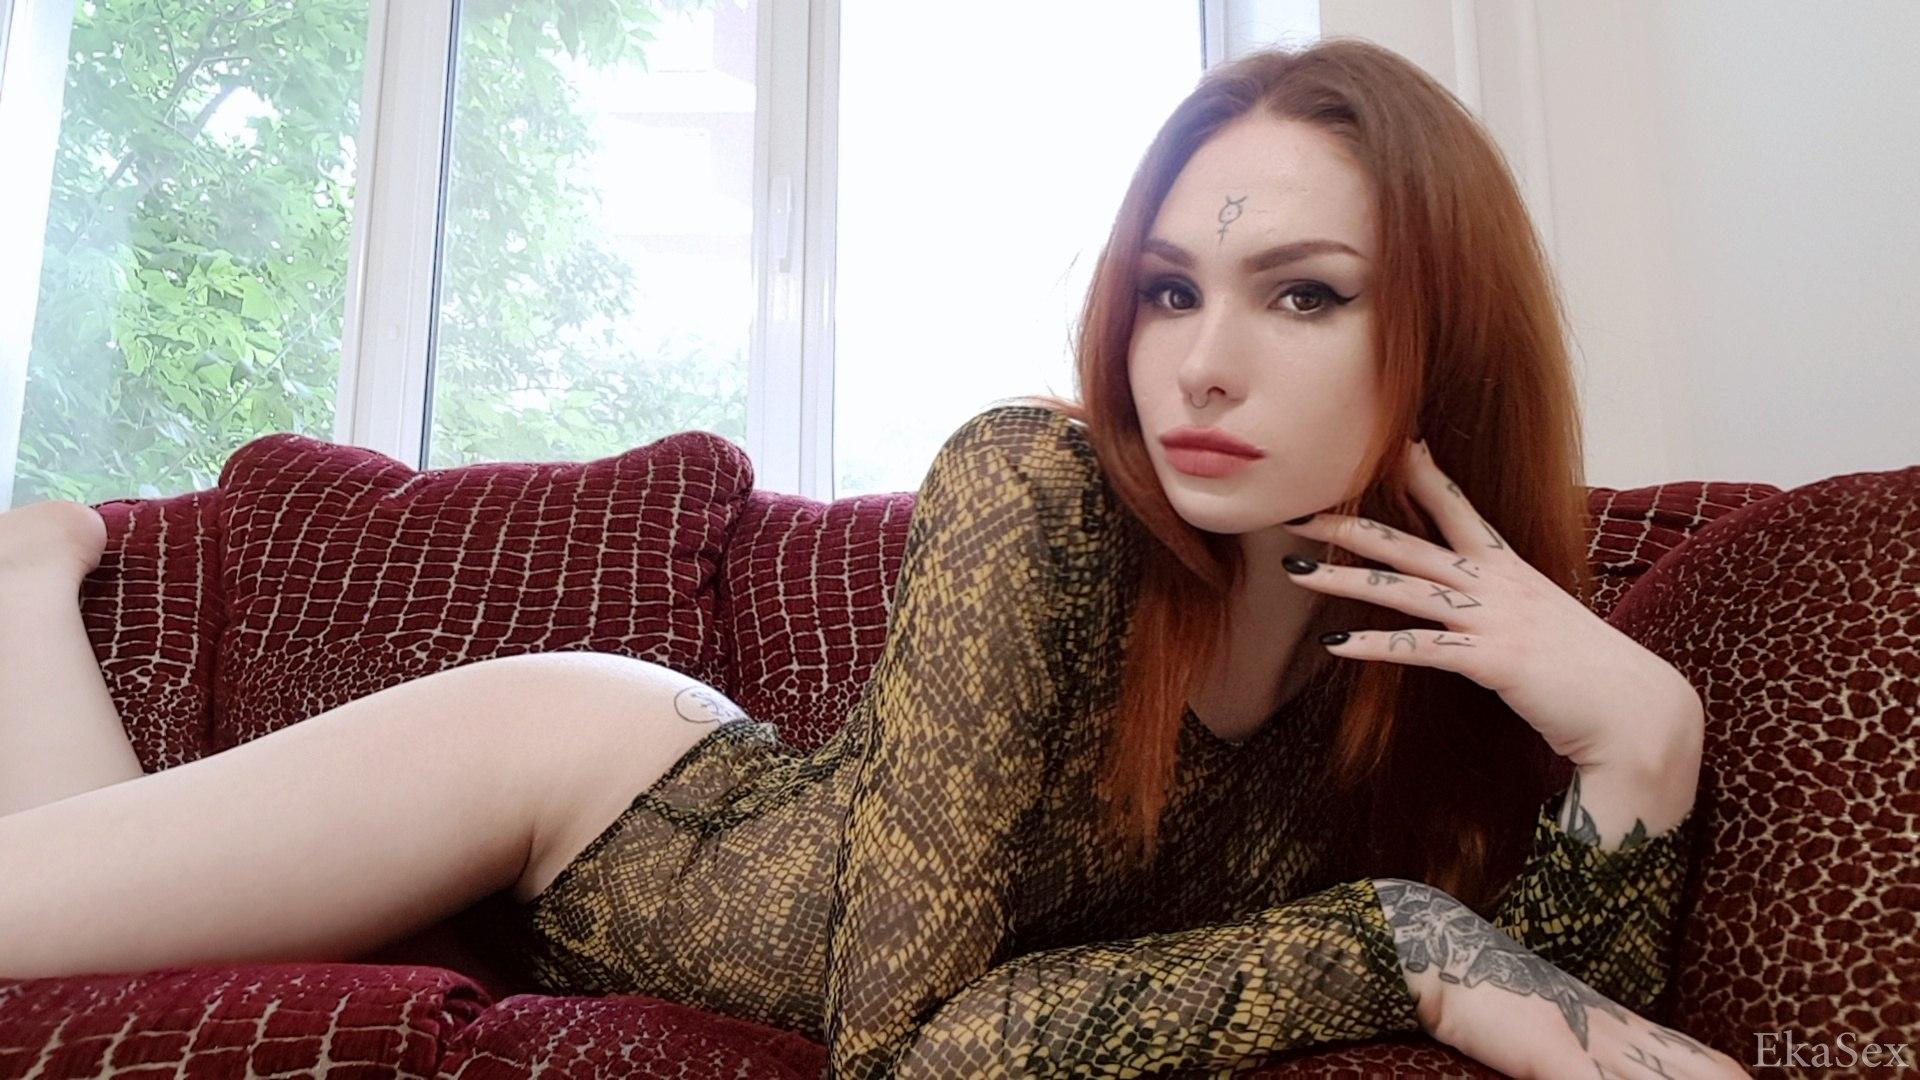 фото проститутки Уни-девочка Алиса из города Екатеринбург